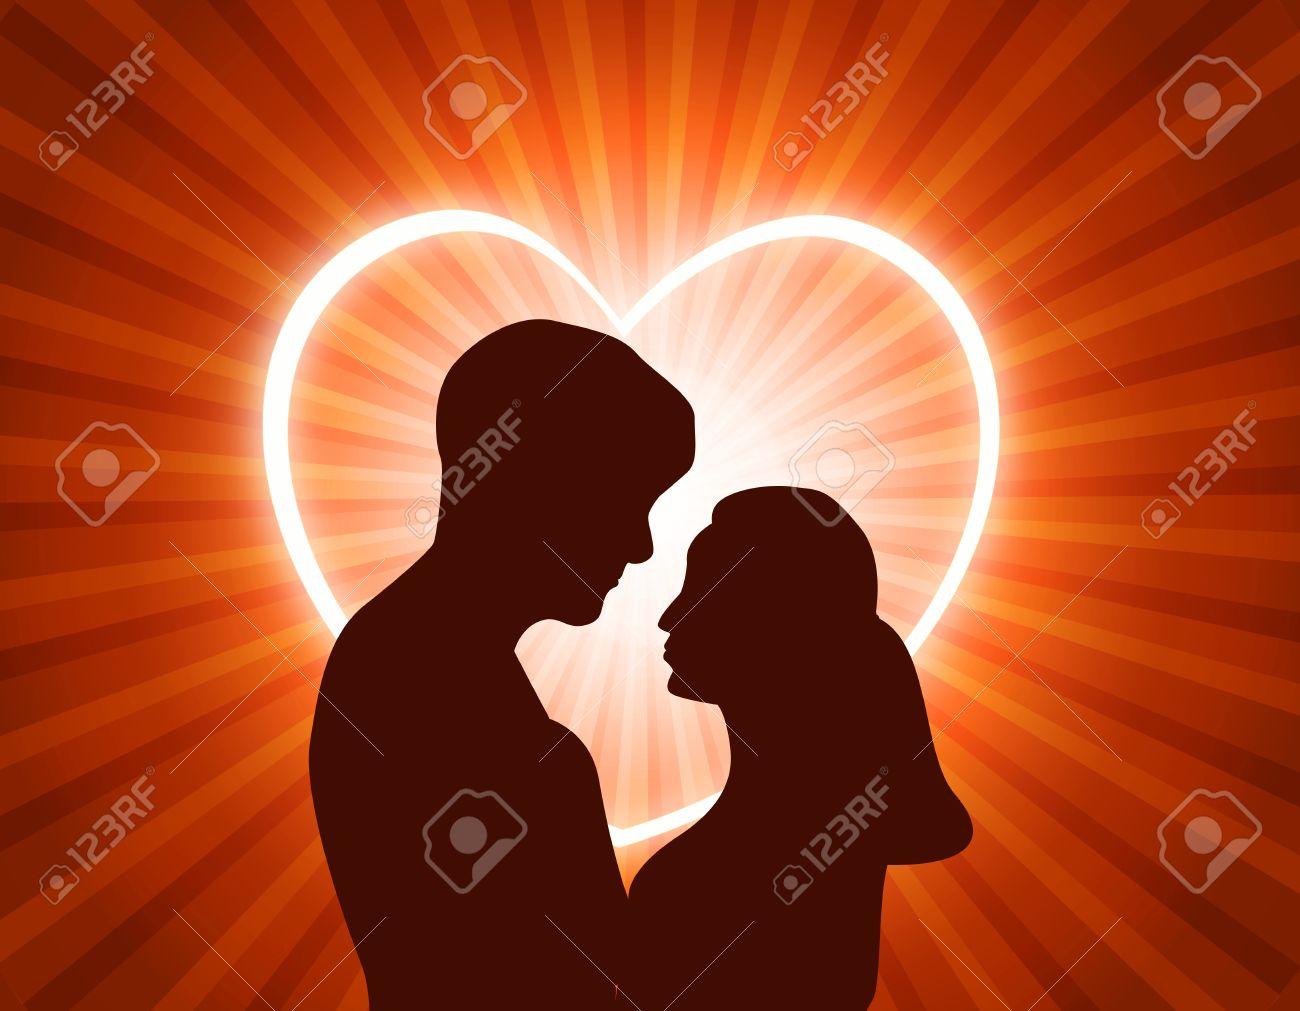 A man love a woman when What Makes